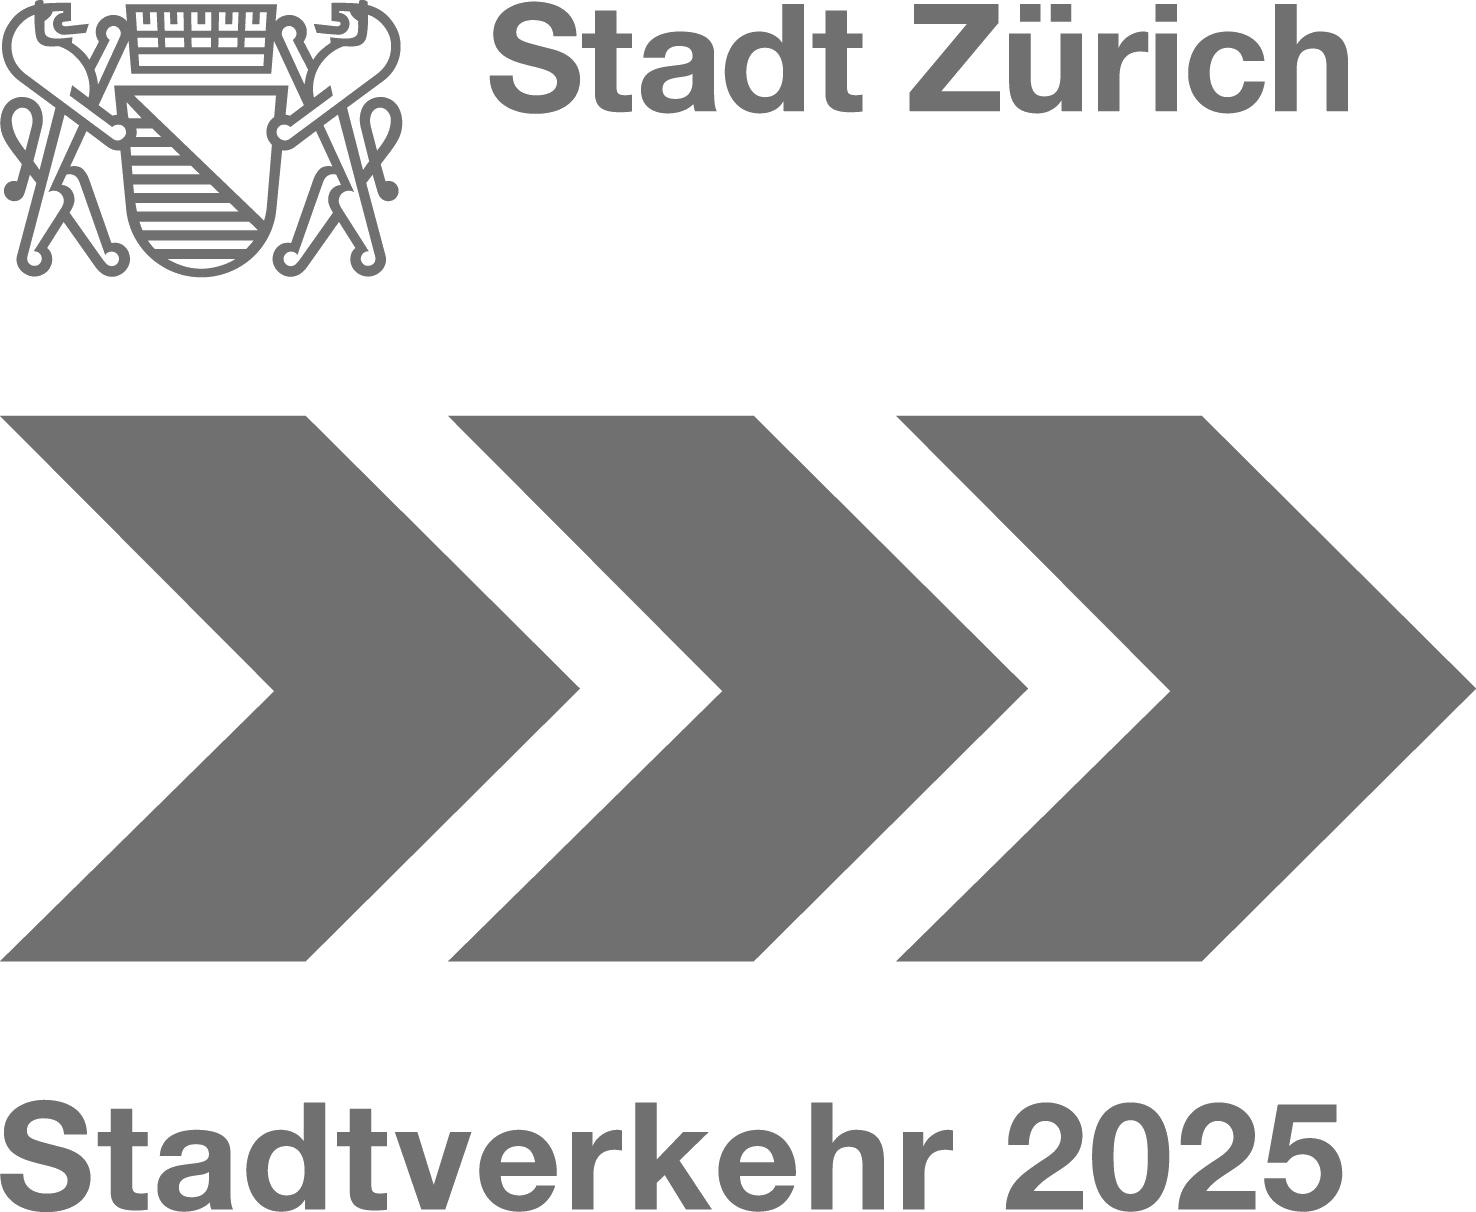 logo_stadtzuerich